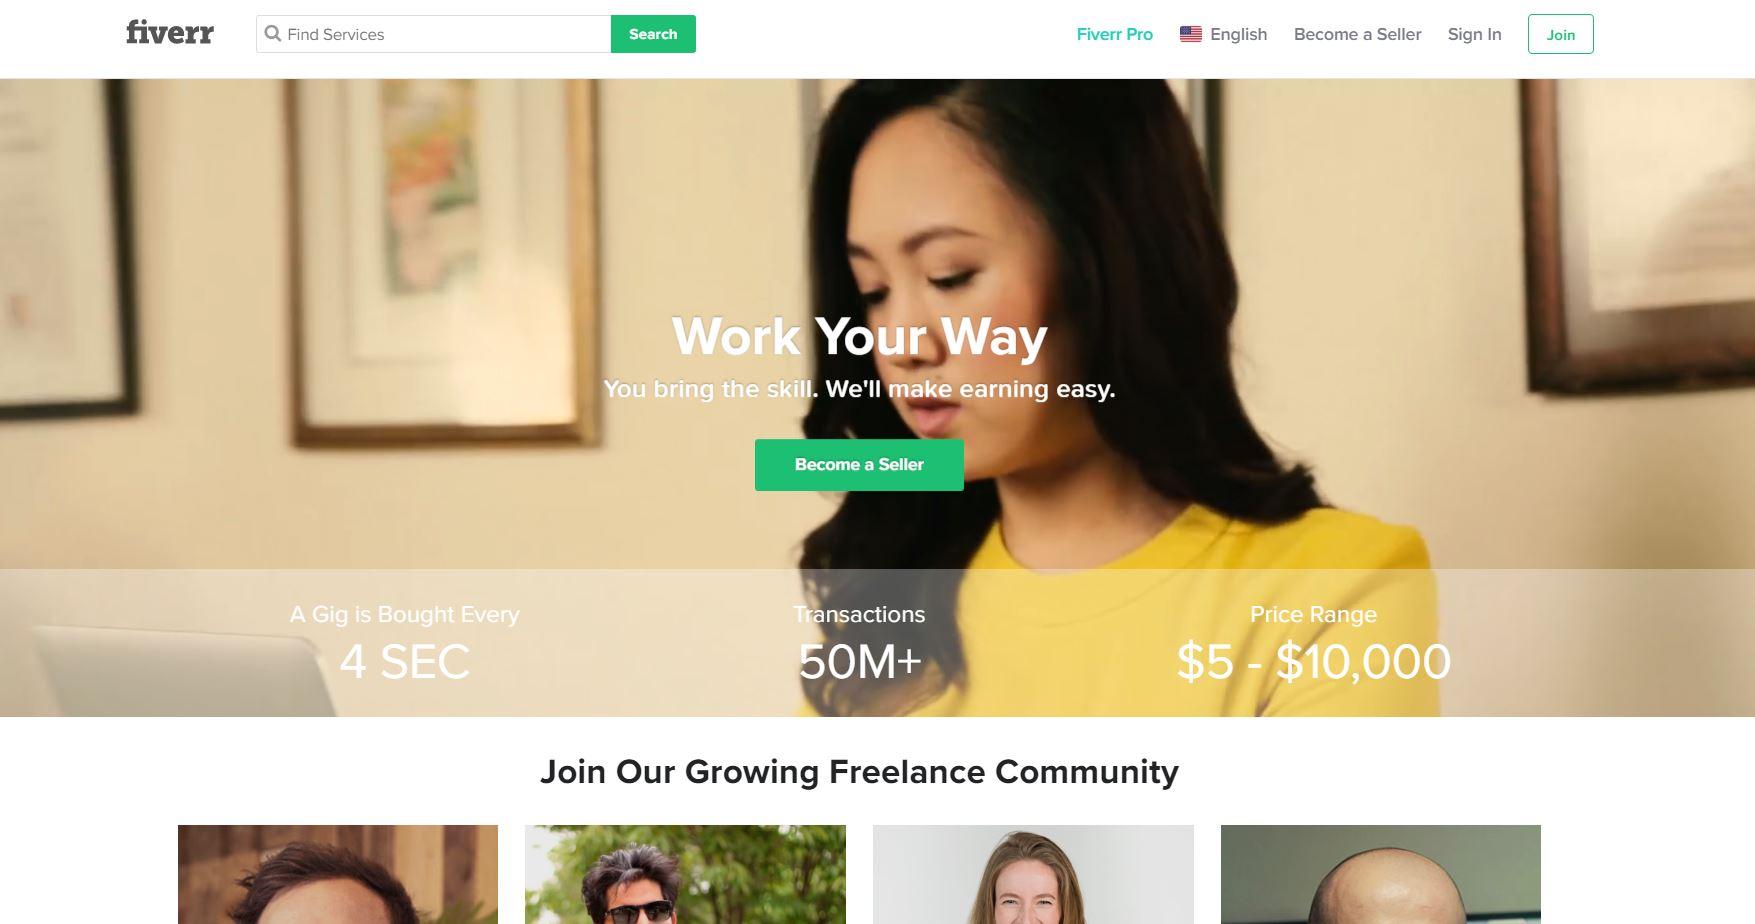 screenshot of Fiverr.com